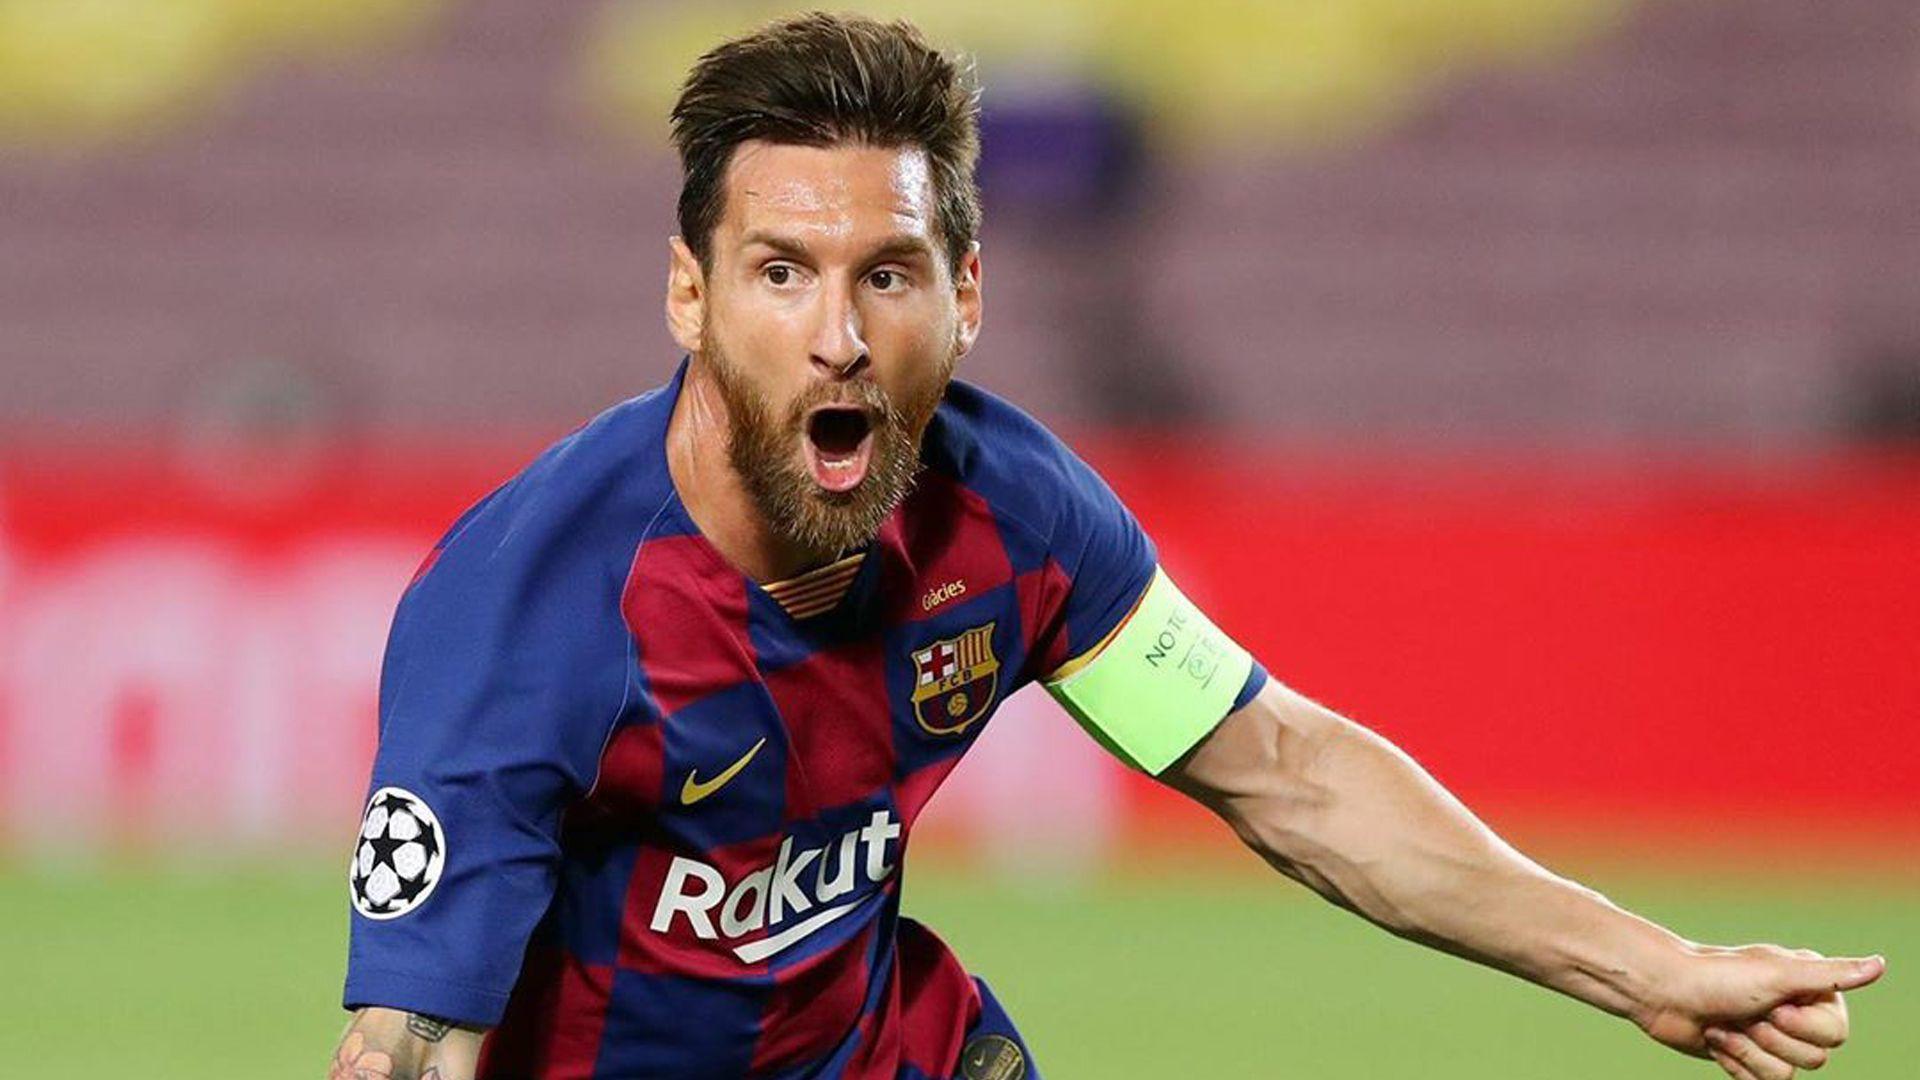 Keputusan Lionel Messi Meninggalkan Barcelona Tak Dapat Diubah, Manchester City Jadi Tujuan